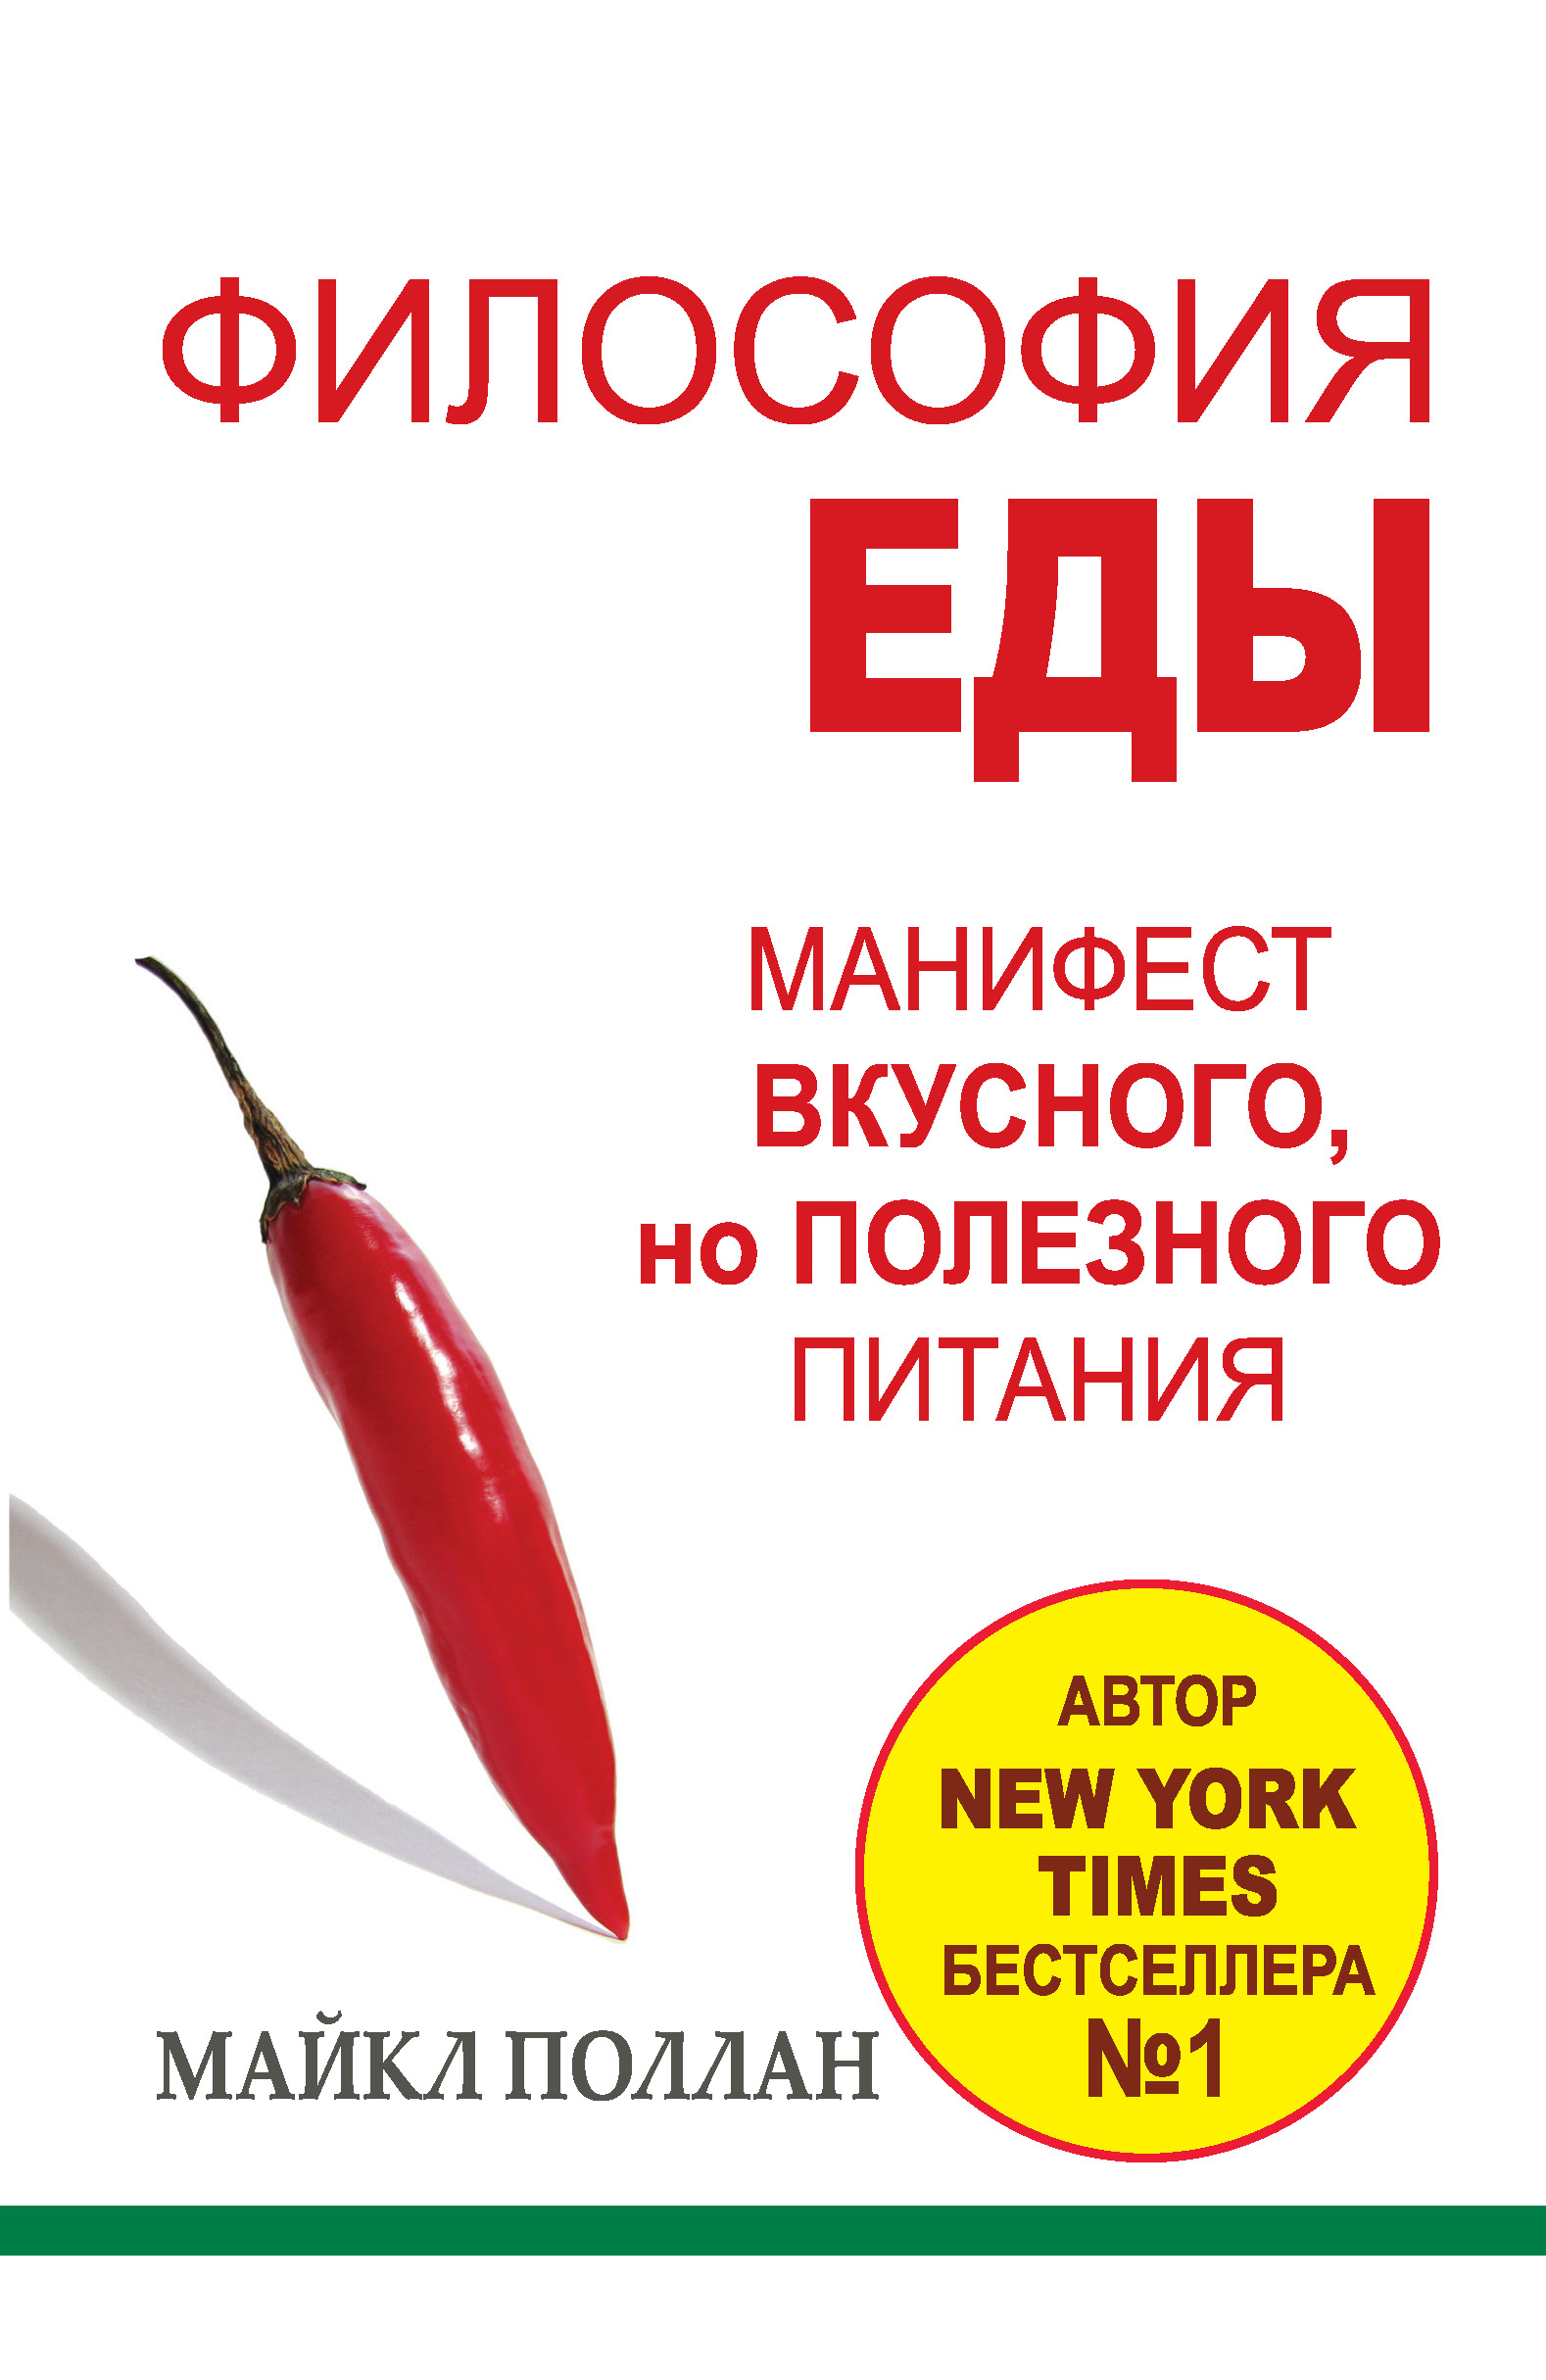 Философия еды: правда о питании